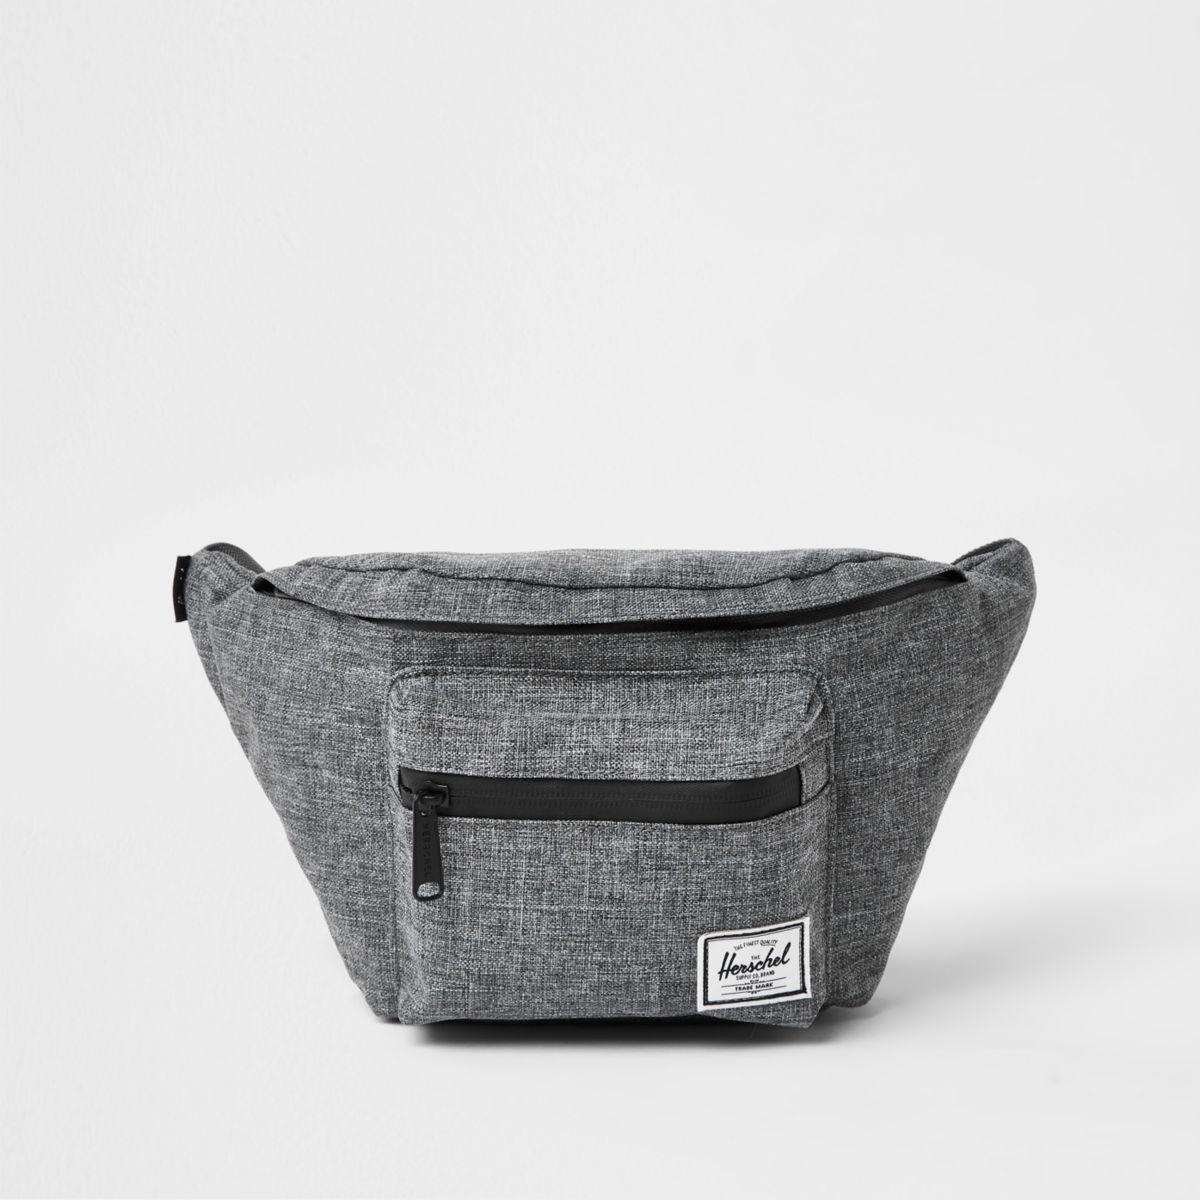 Herschel grey Seventeen crosshatch bum bag